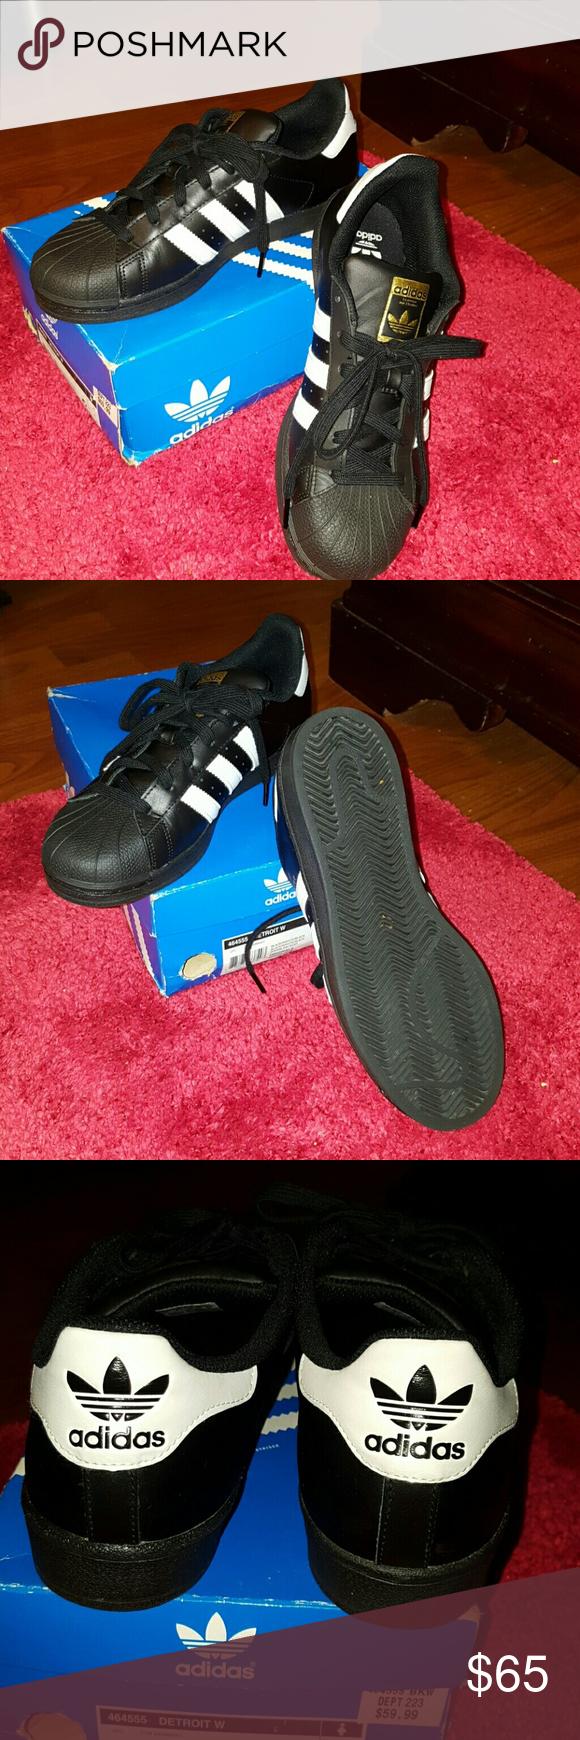 Adidas originali superstar in bianco e nero oro la posh sceglie w